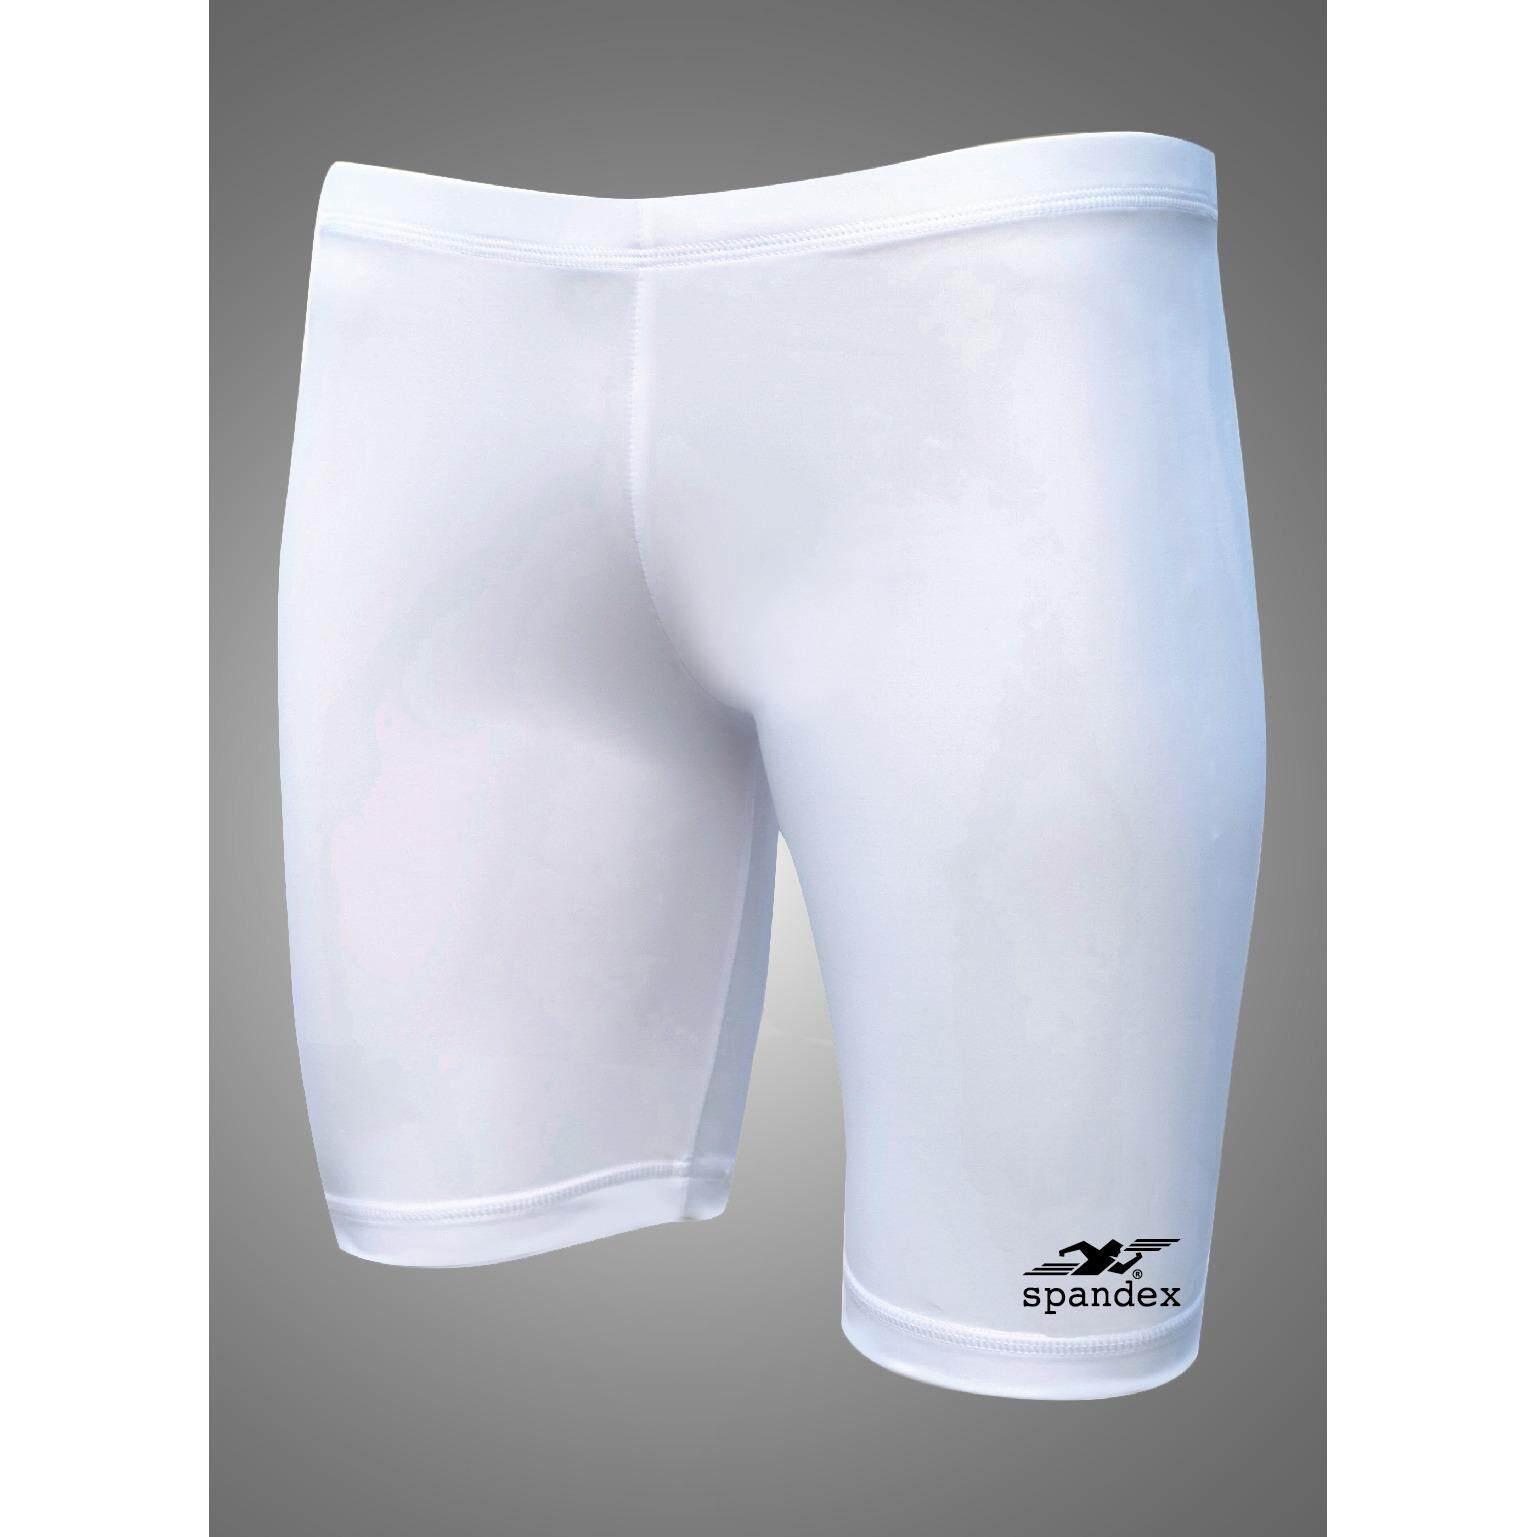 ซื้อ Spandex กางเกงรัดกล้ามเนื้อขาสั้น S001Sf สีขาว ใหม่ล่าสุด